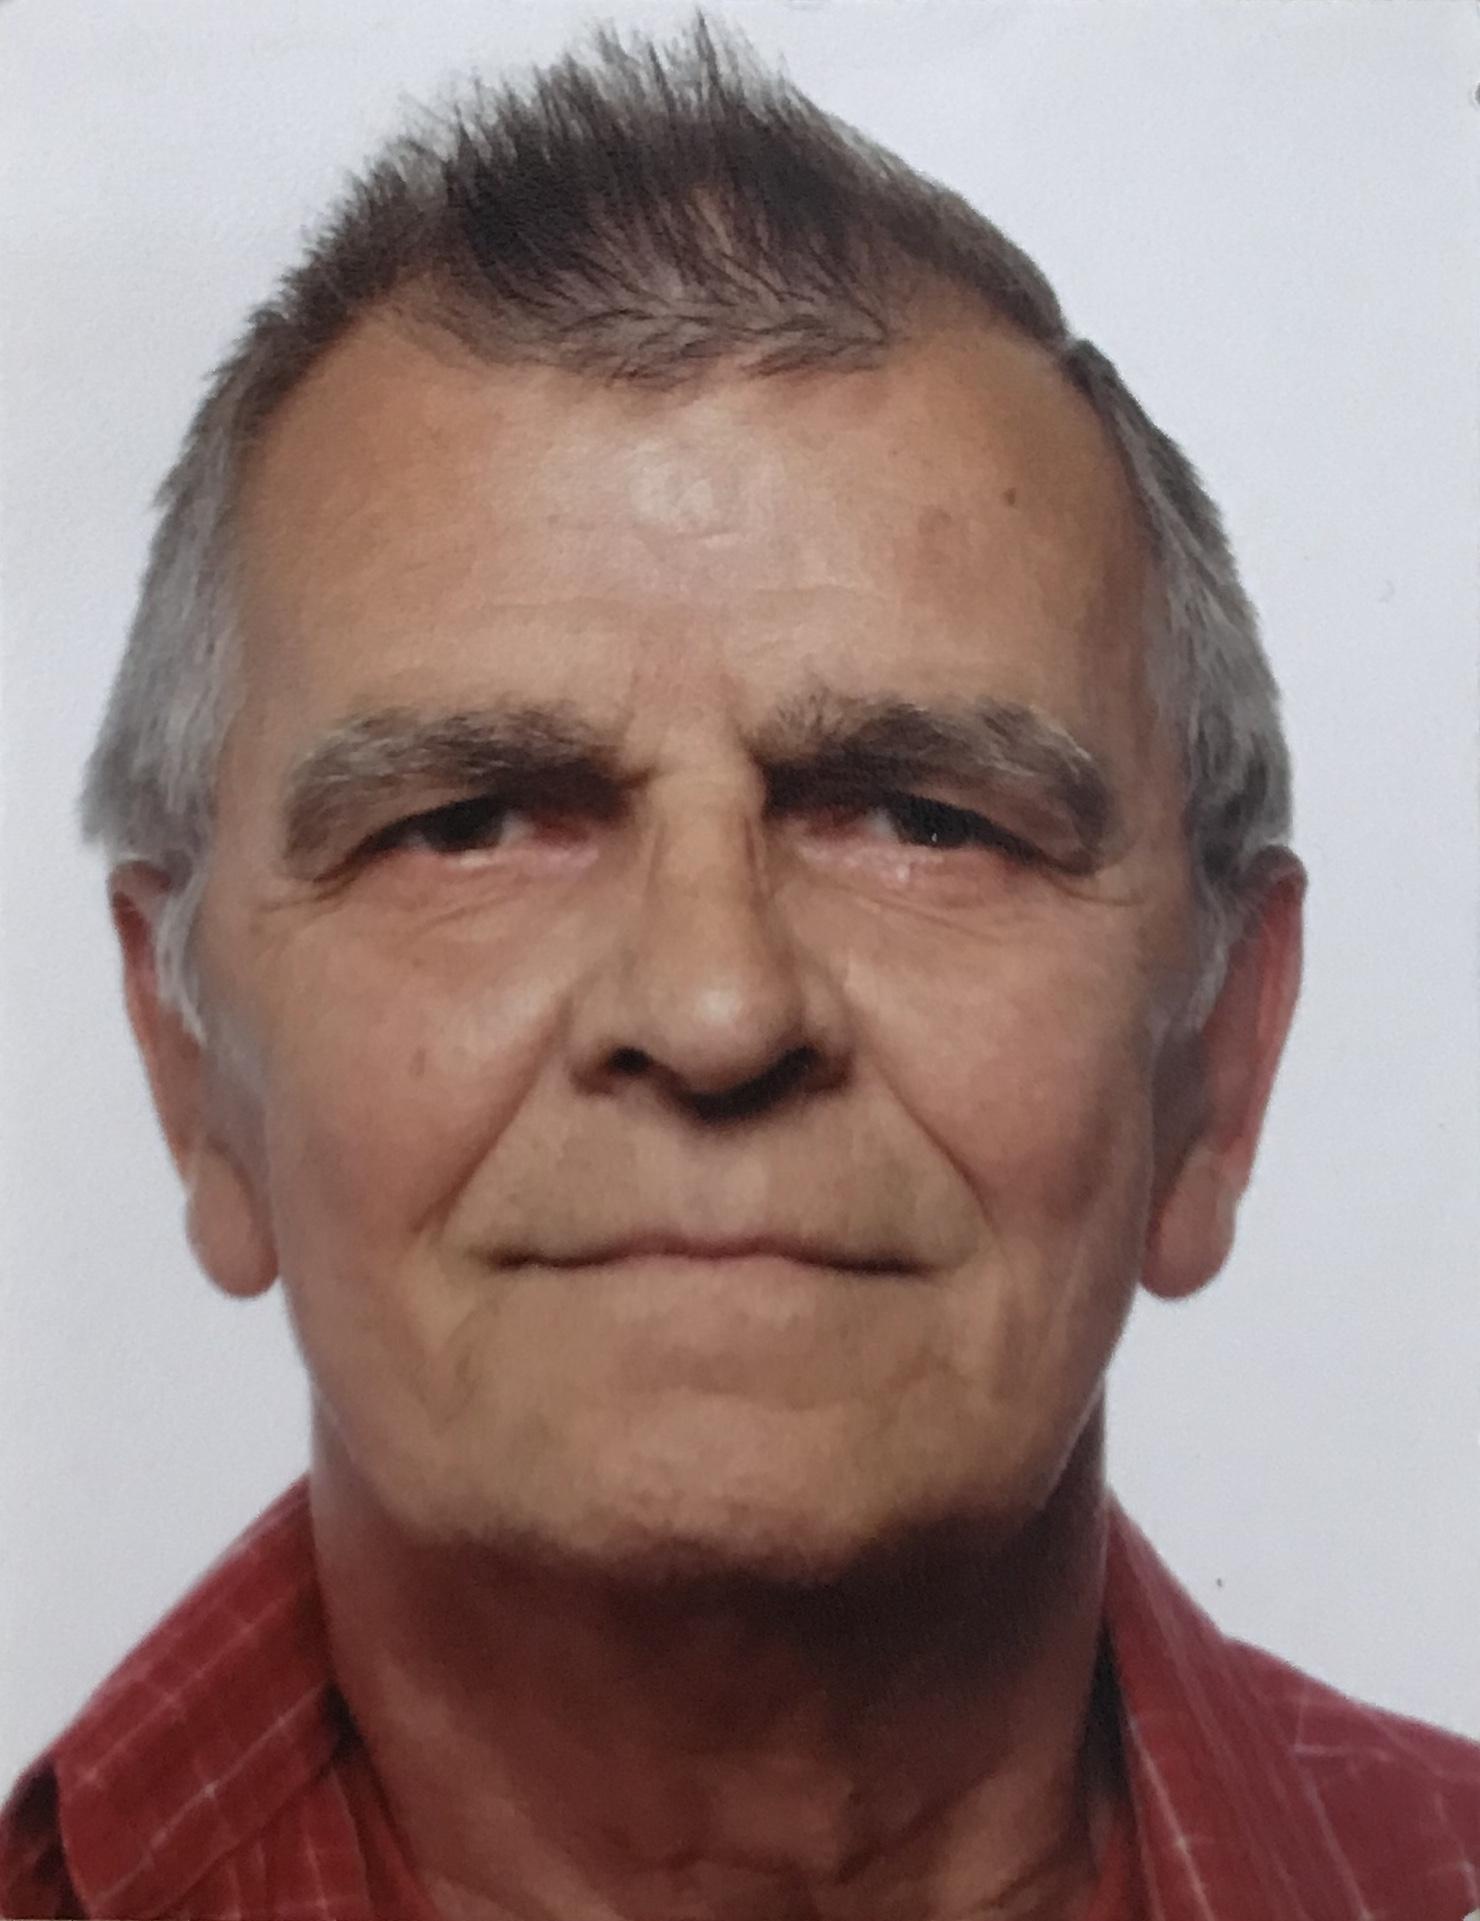 Peter Zschornack;Präsidiumsmitglied;;Praesidium